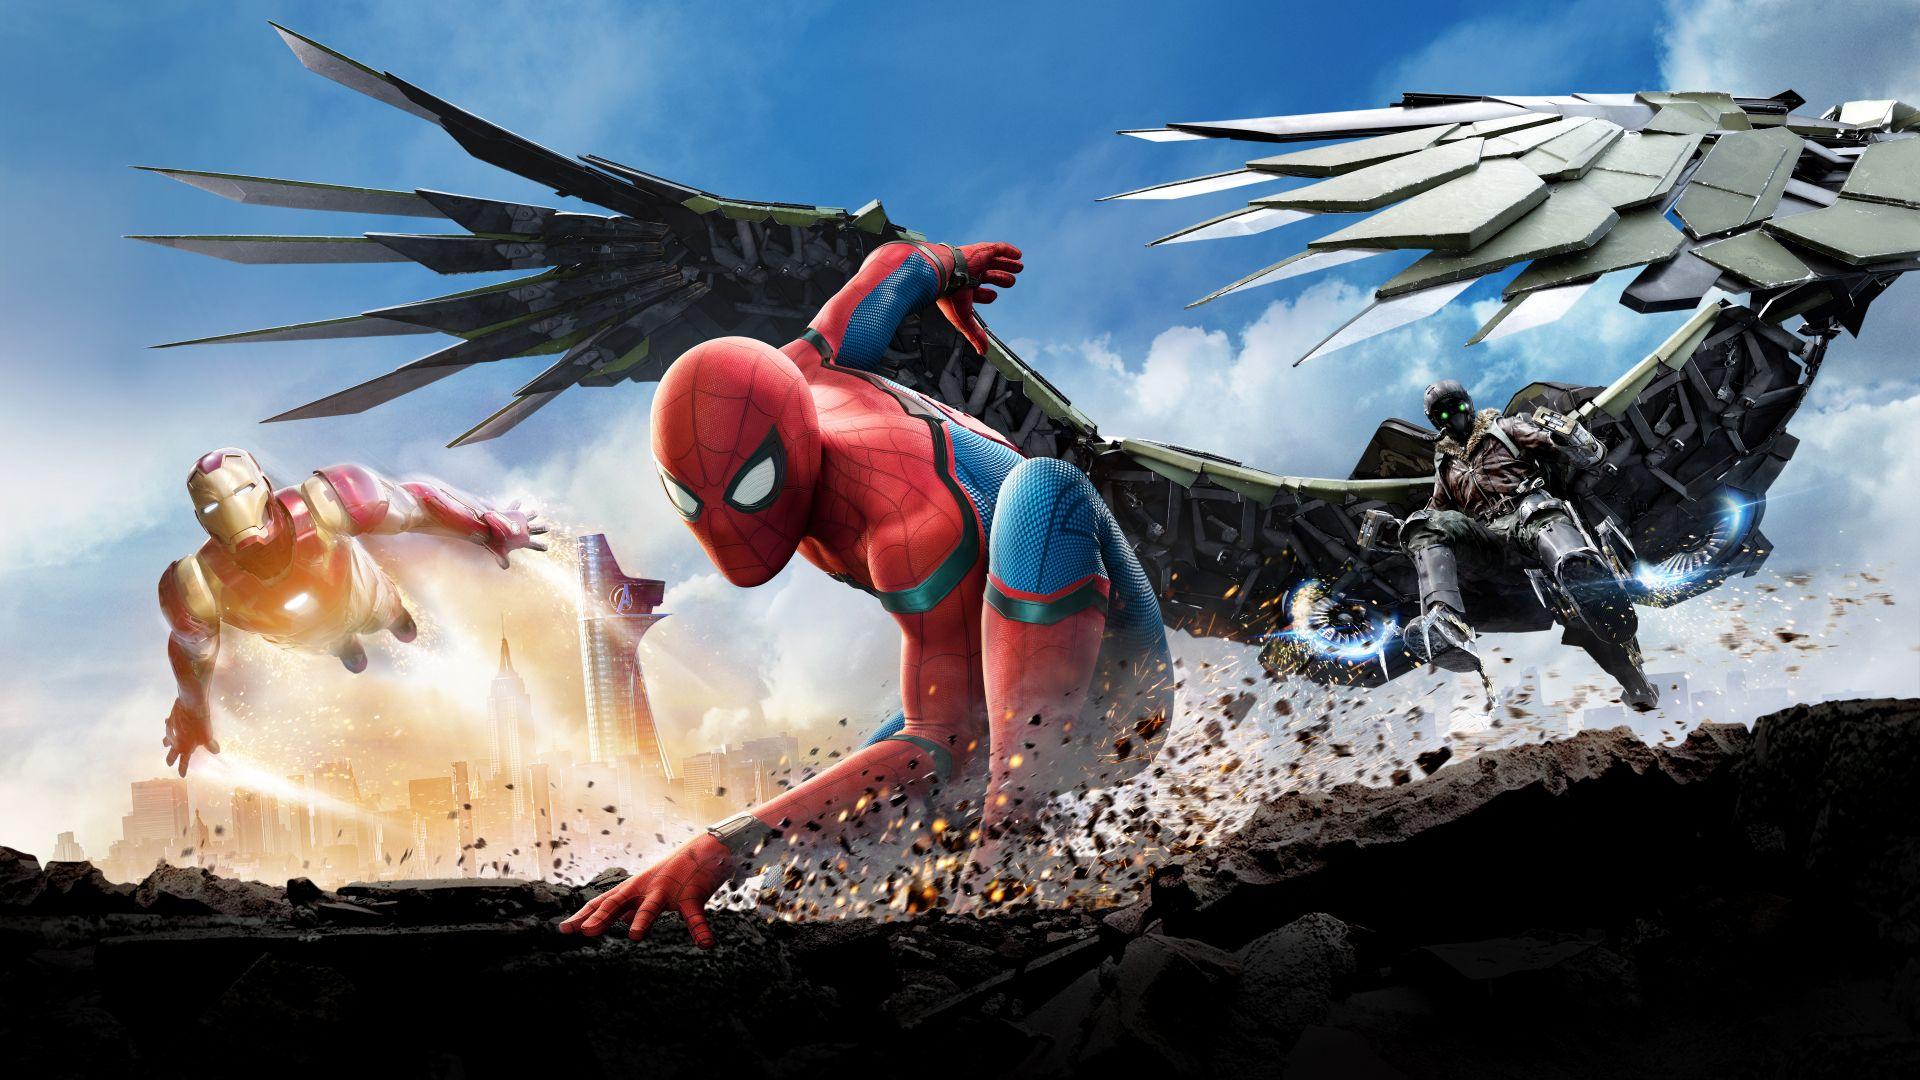 Человек паук : Возвращение домой фильм видео — 12 тыс. видео